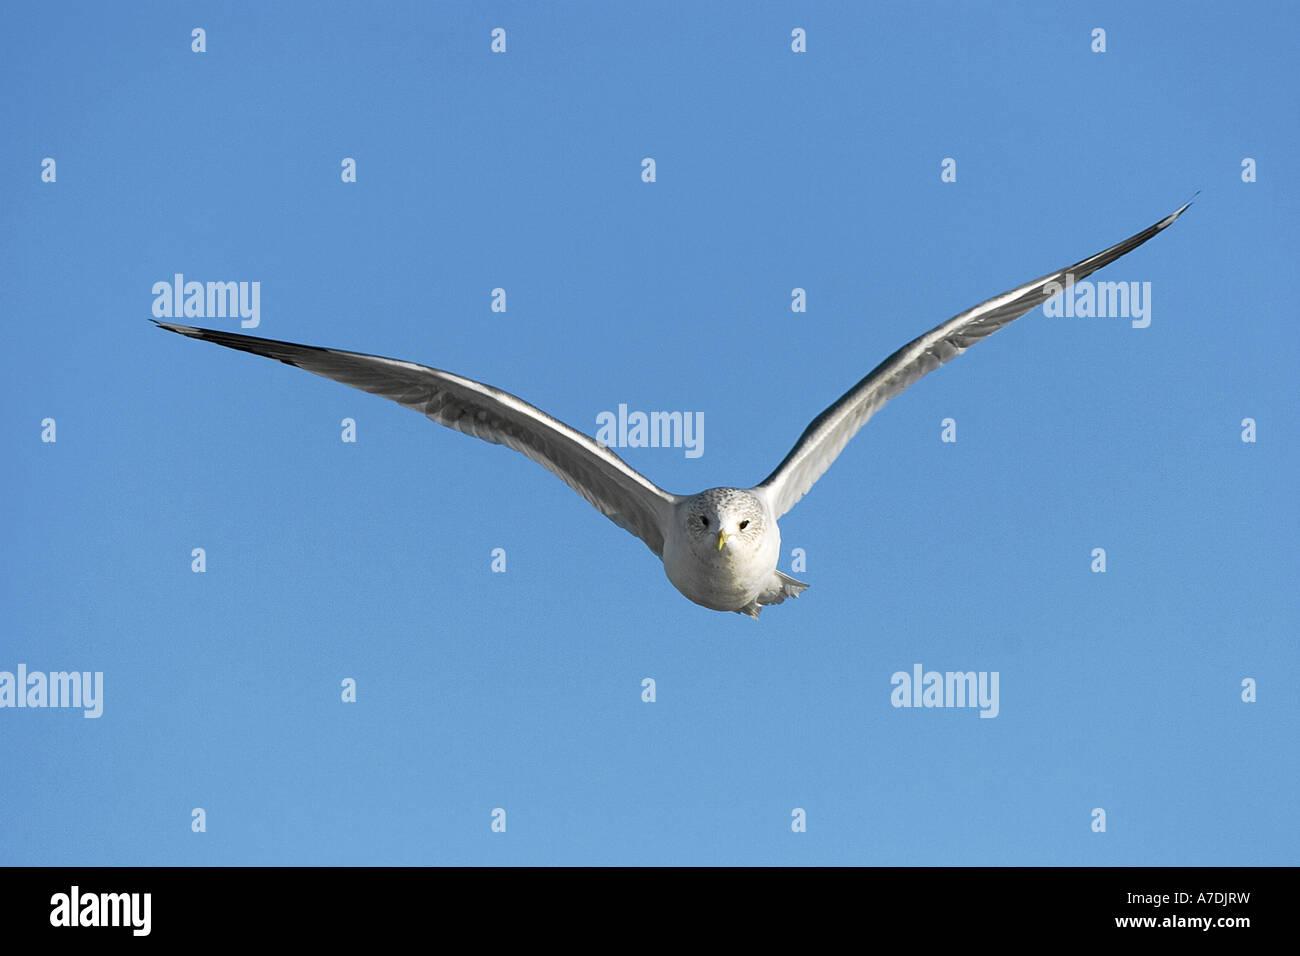 Sturmmoewe Common Gull Larus canus europa europe Stock Photo